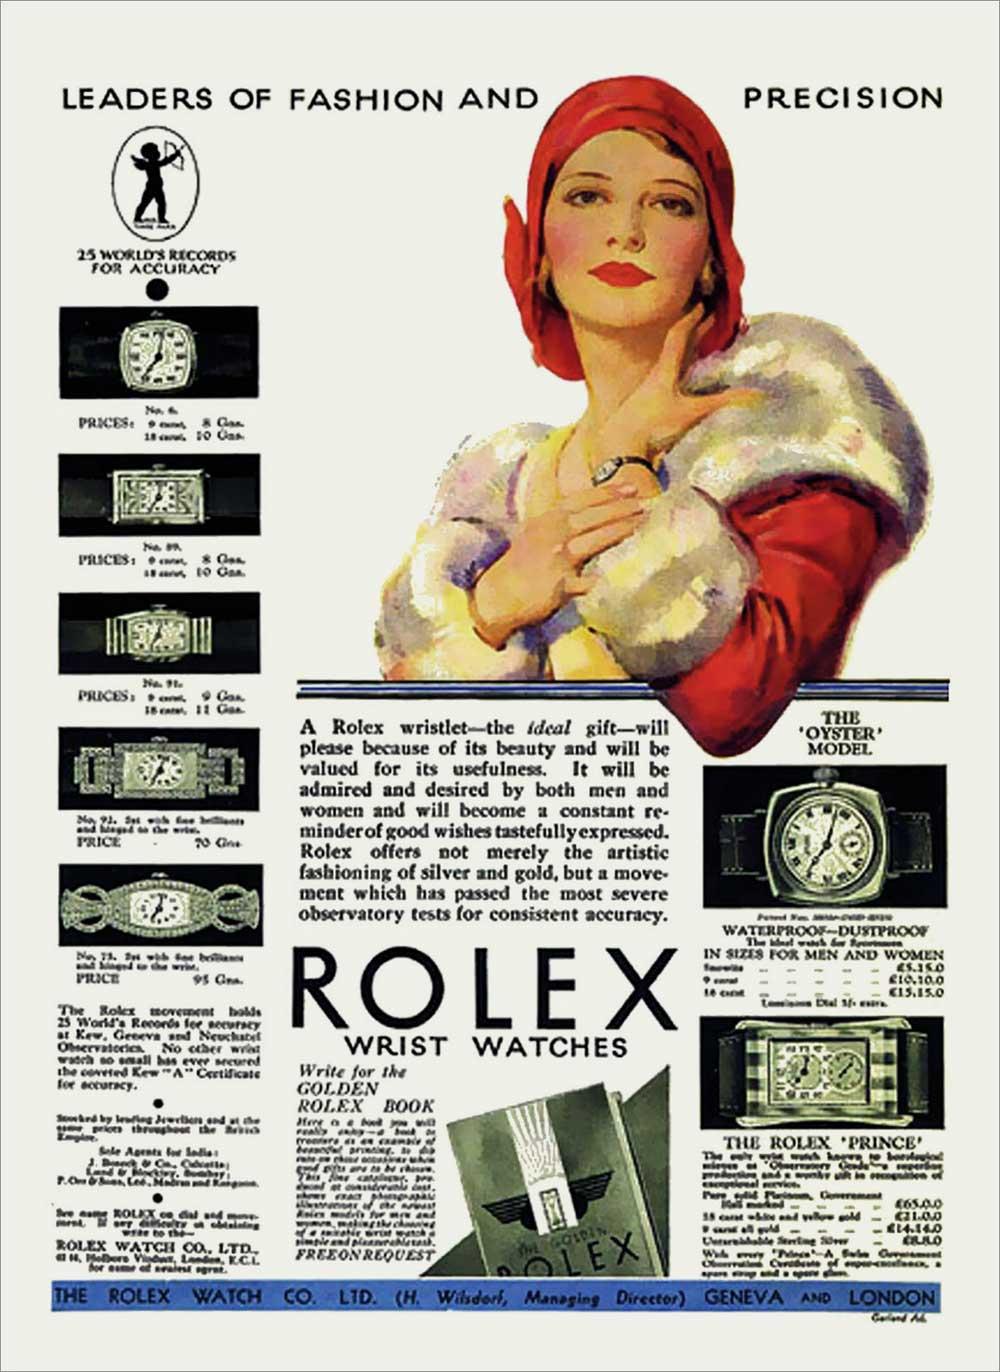 Publicité de Noël de Rolex 1930. Photo Rolexmagazine.com